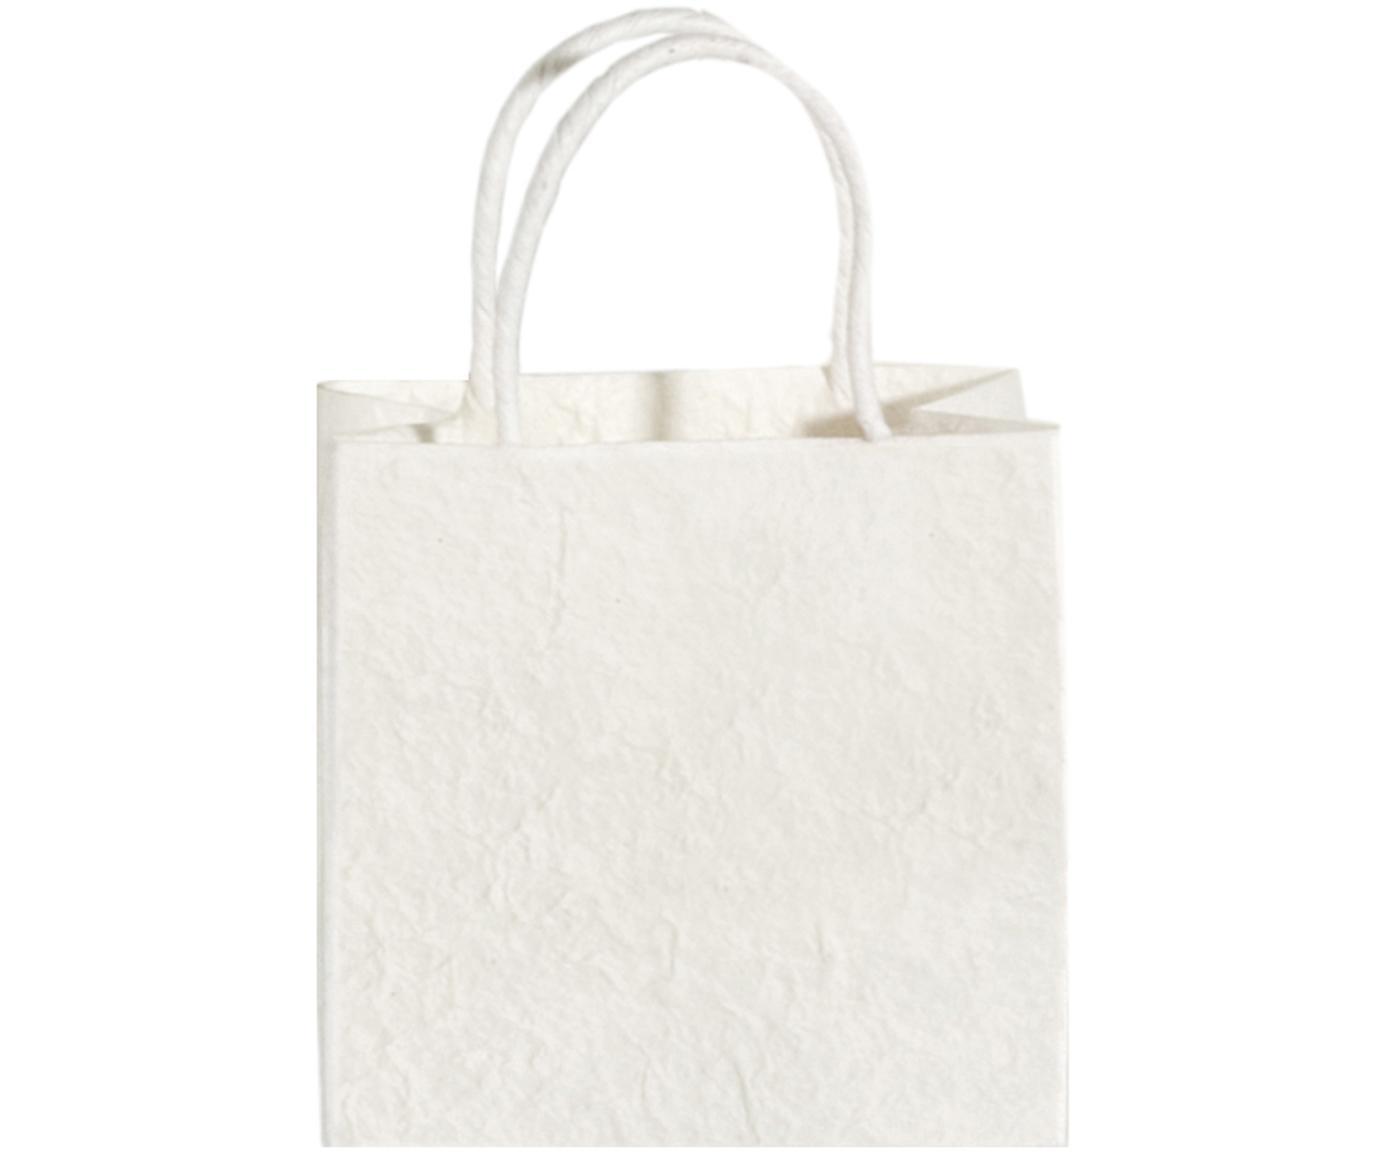 Geschenktaschen Will, 3 Stück, Papier, Weiß, Cremefarben, 20 x 20 cm